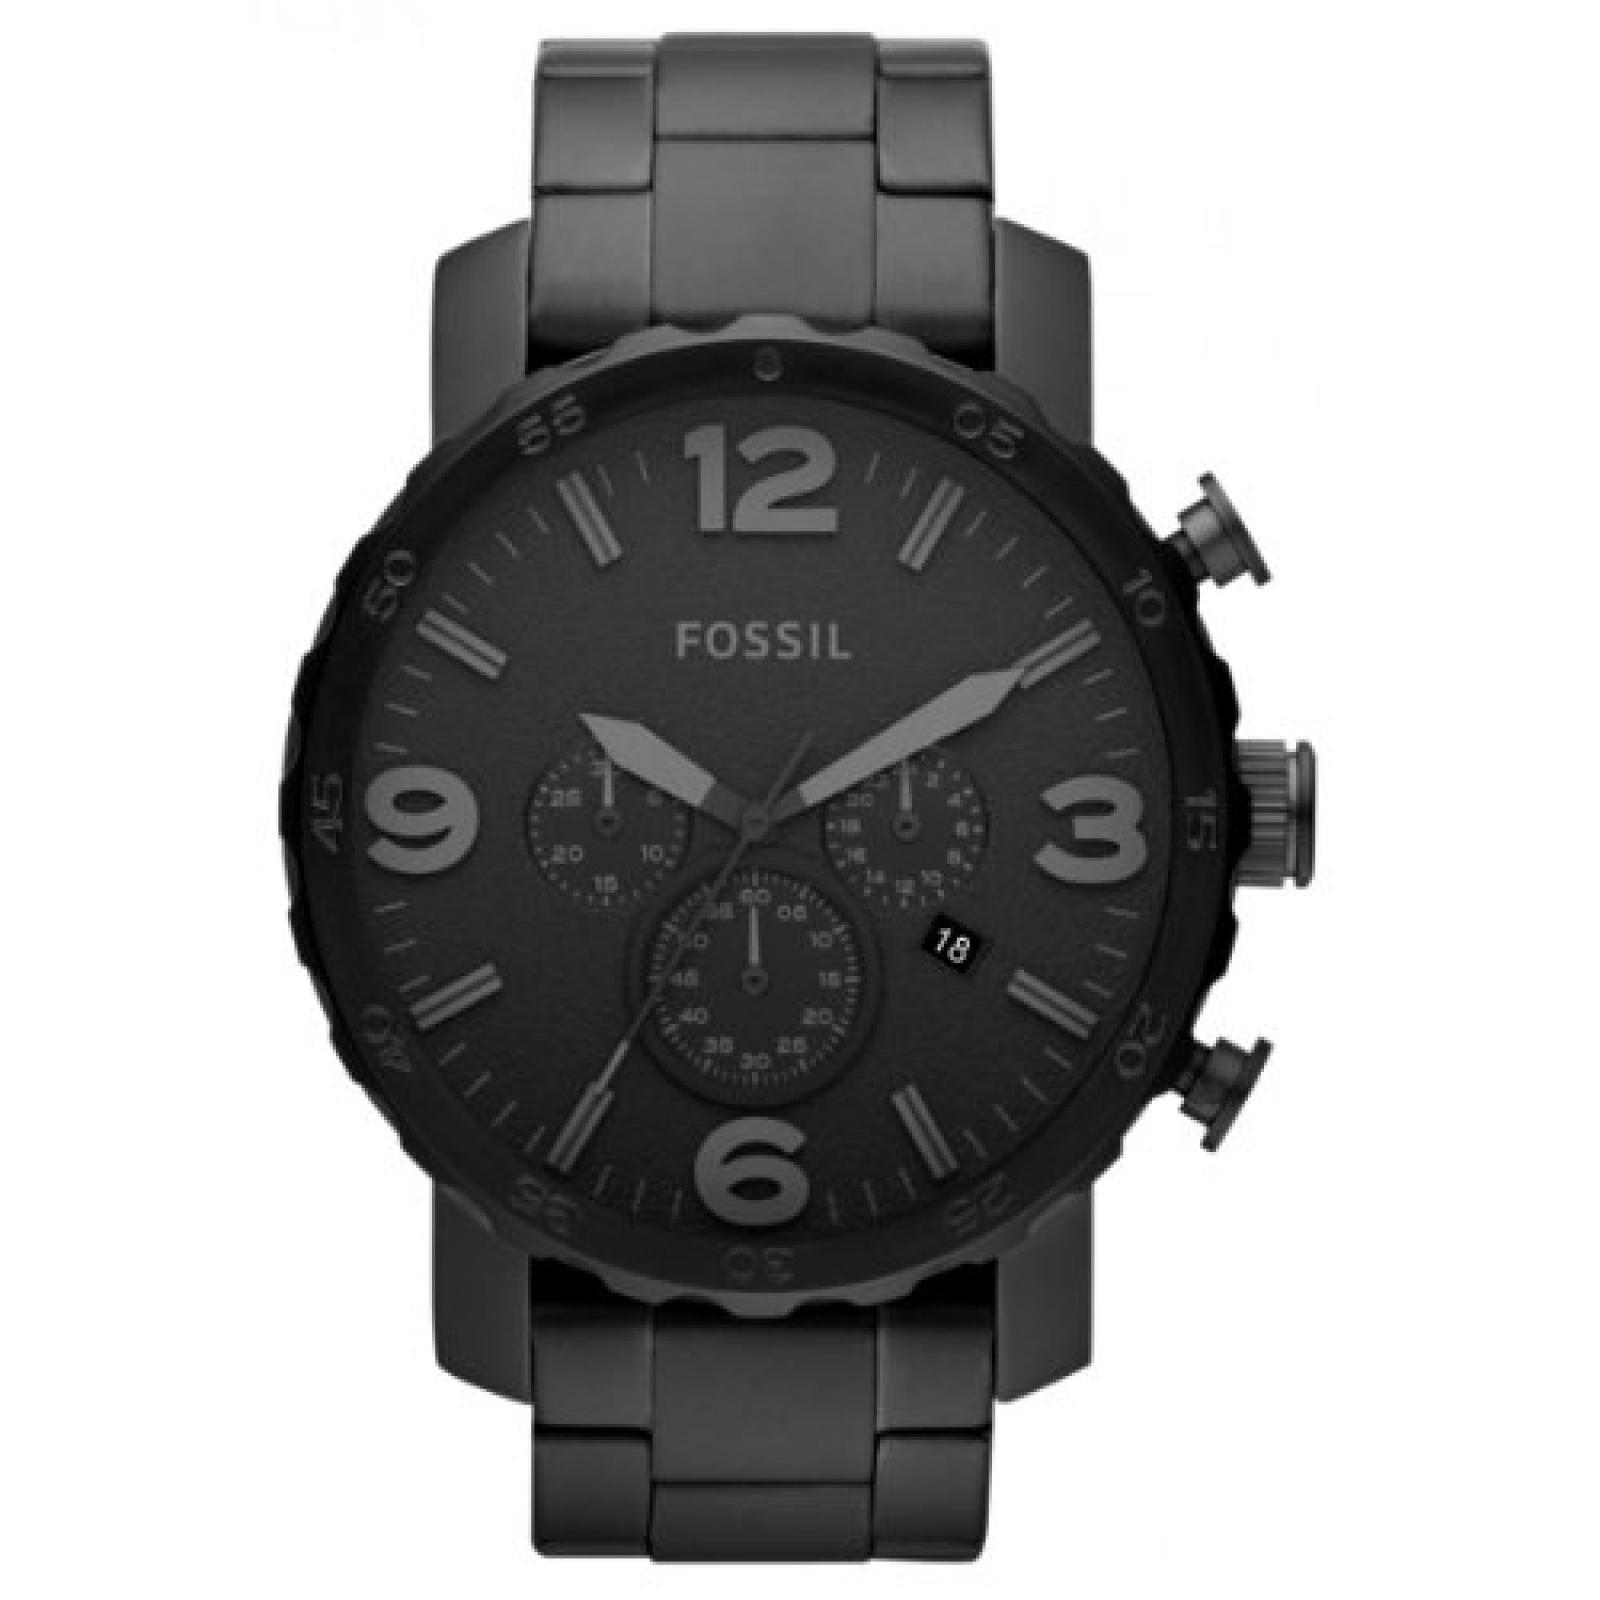 Fossil Herren-Armbanduhr XL Nate Quarz-Chronograph Edelstahl IPB beschichtet JR1401